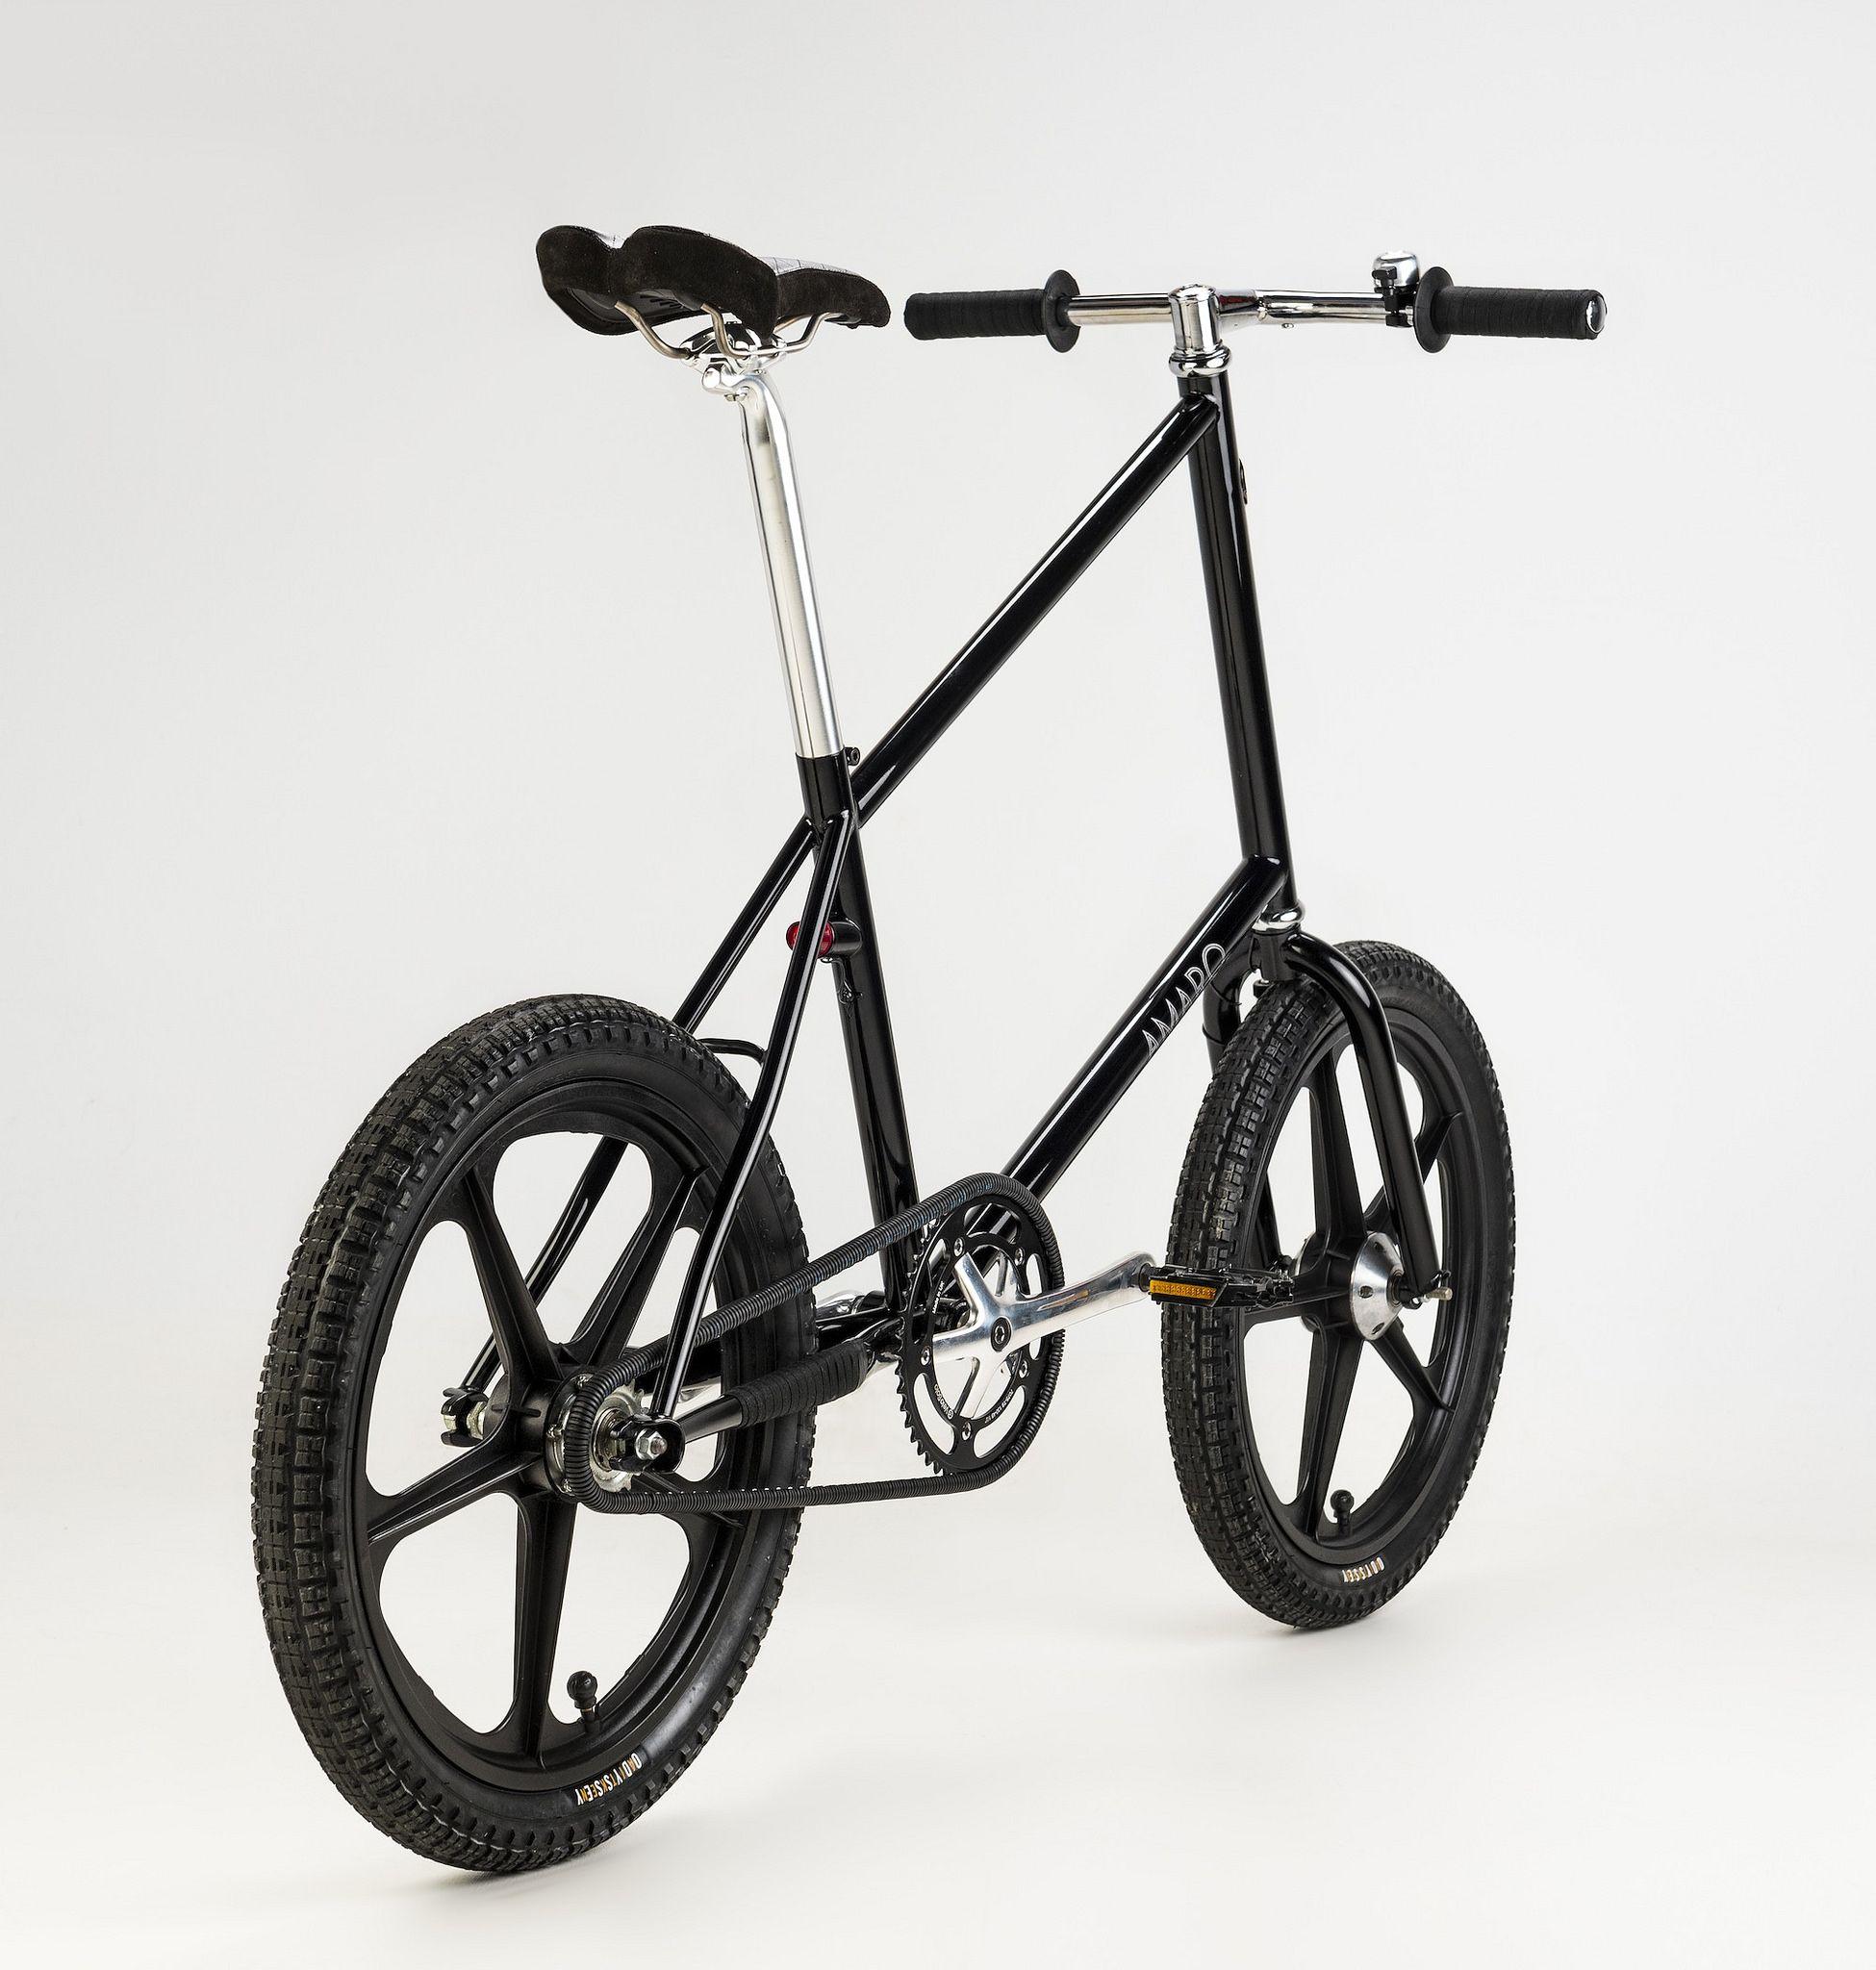 BLACK metal Bici//Moto